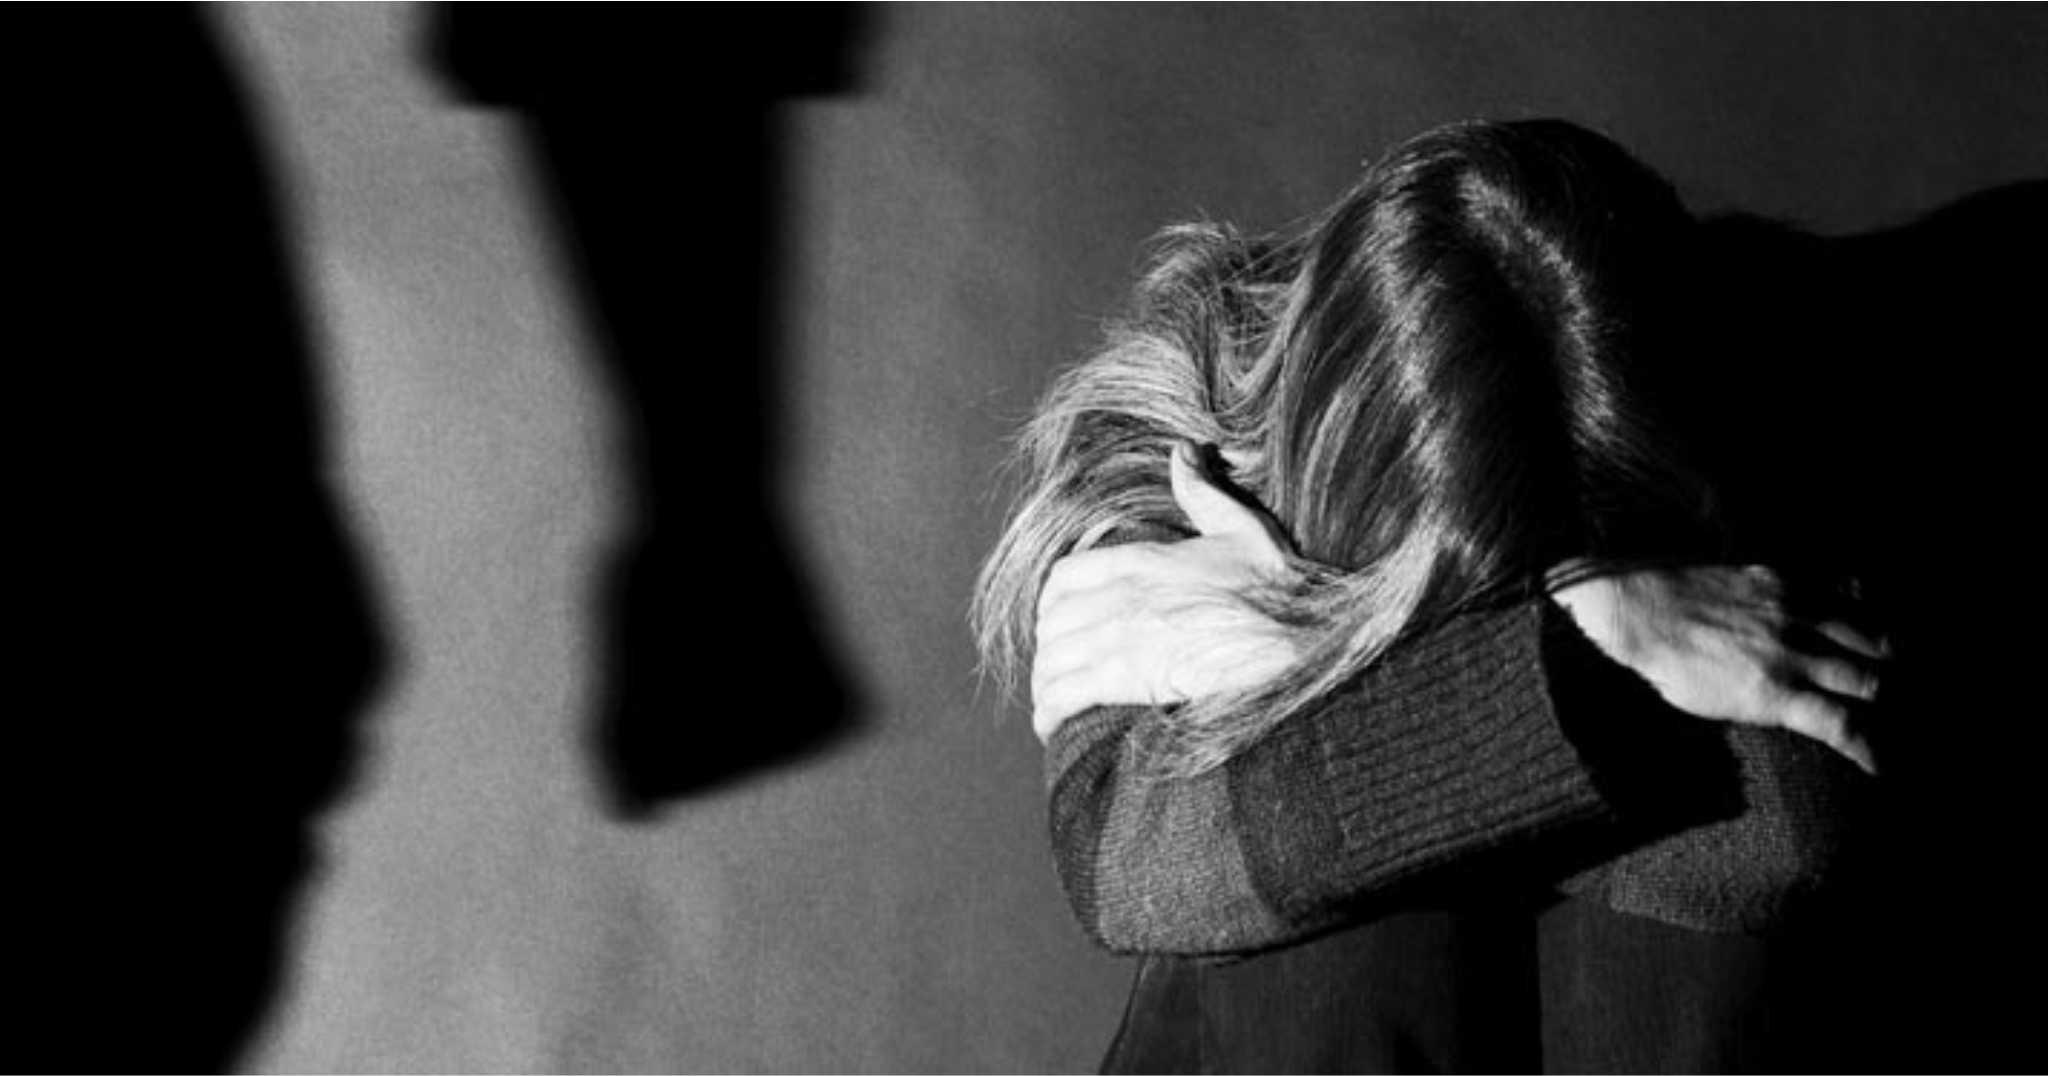 Στο Αυτόφωρο 34χρονος γιατί χτύπησε την 4χρονη κόρη του